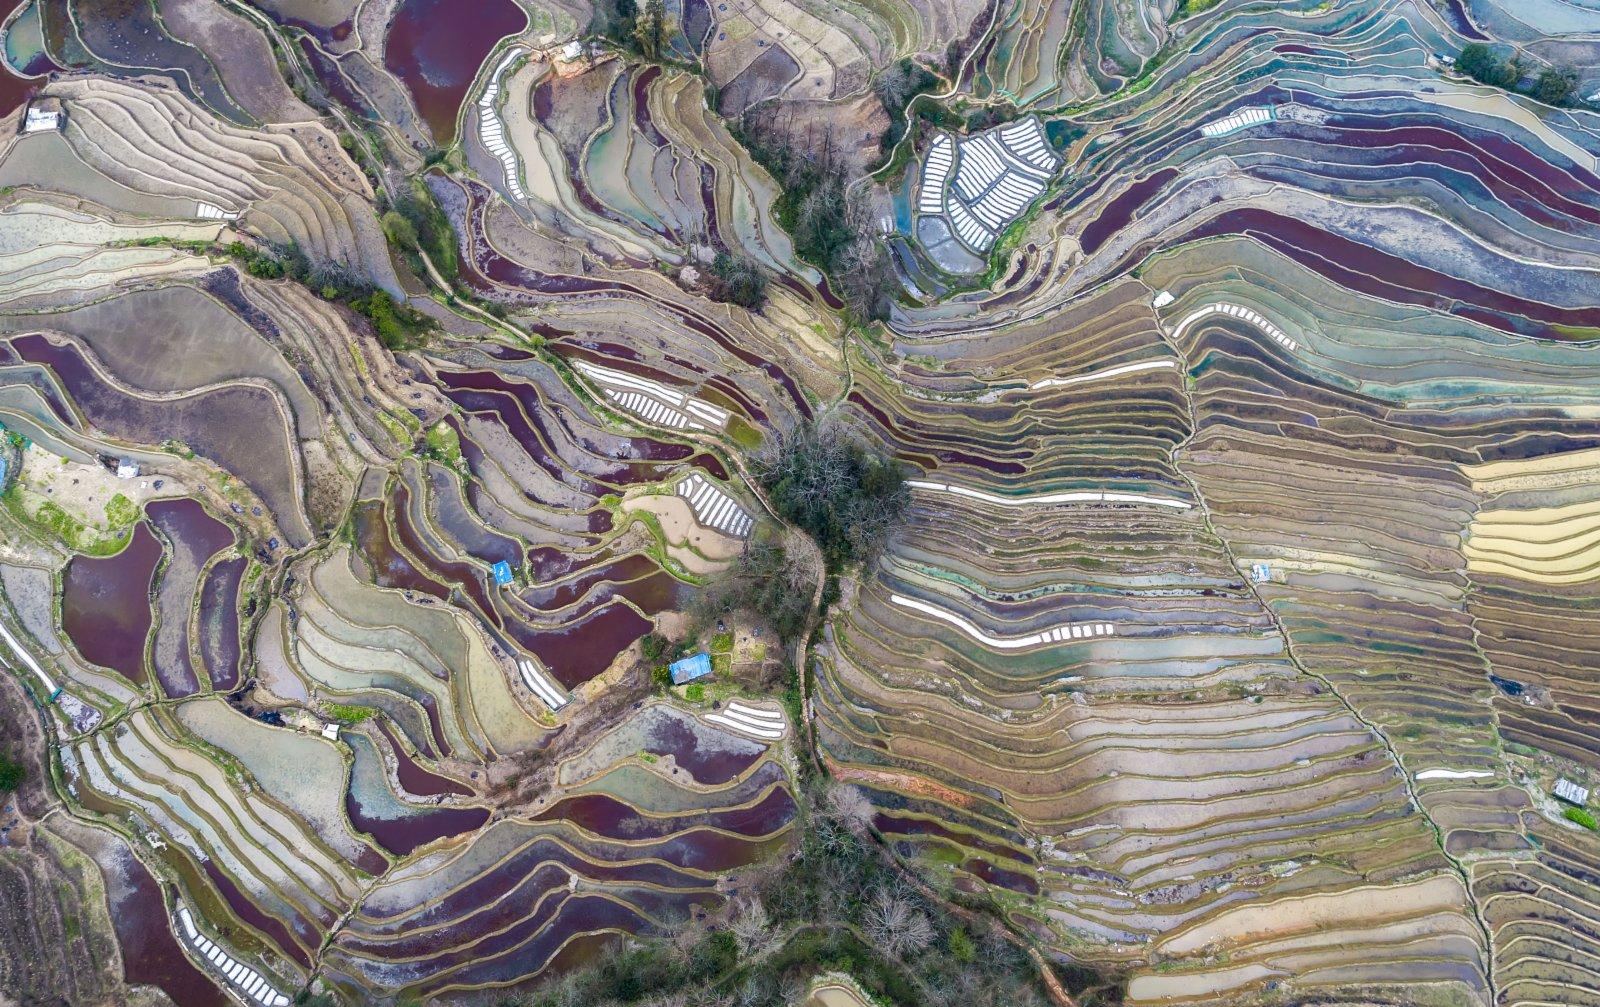 這是哈尼梯田景觀。